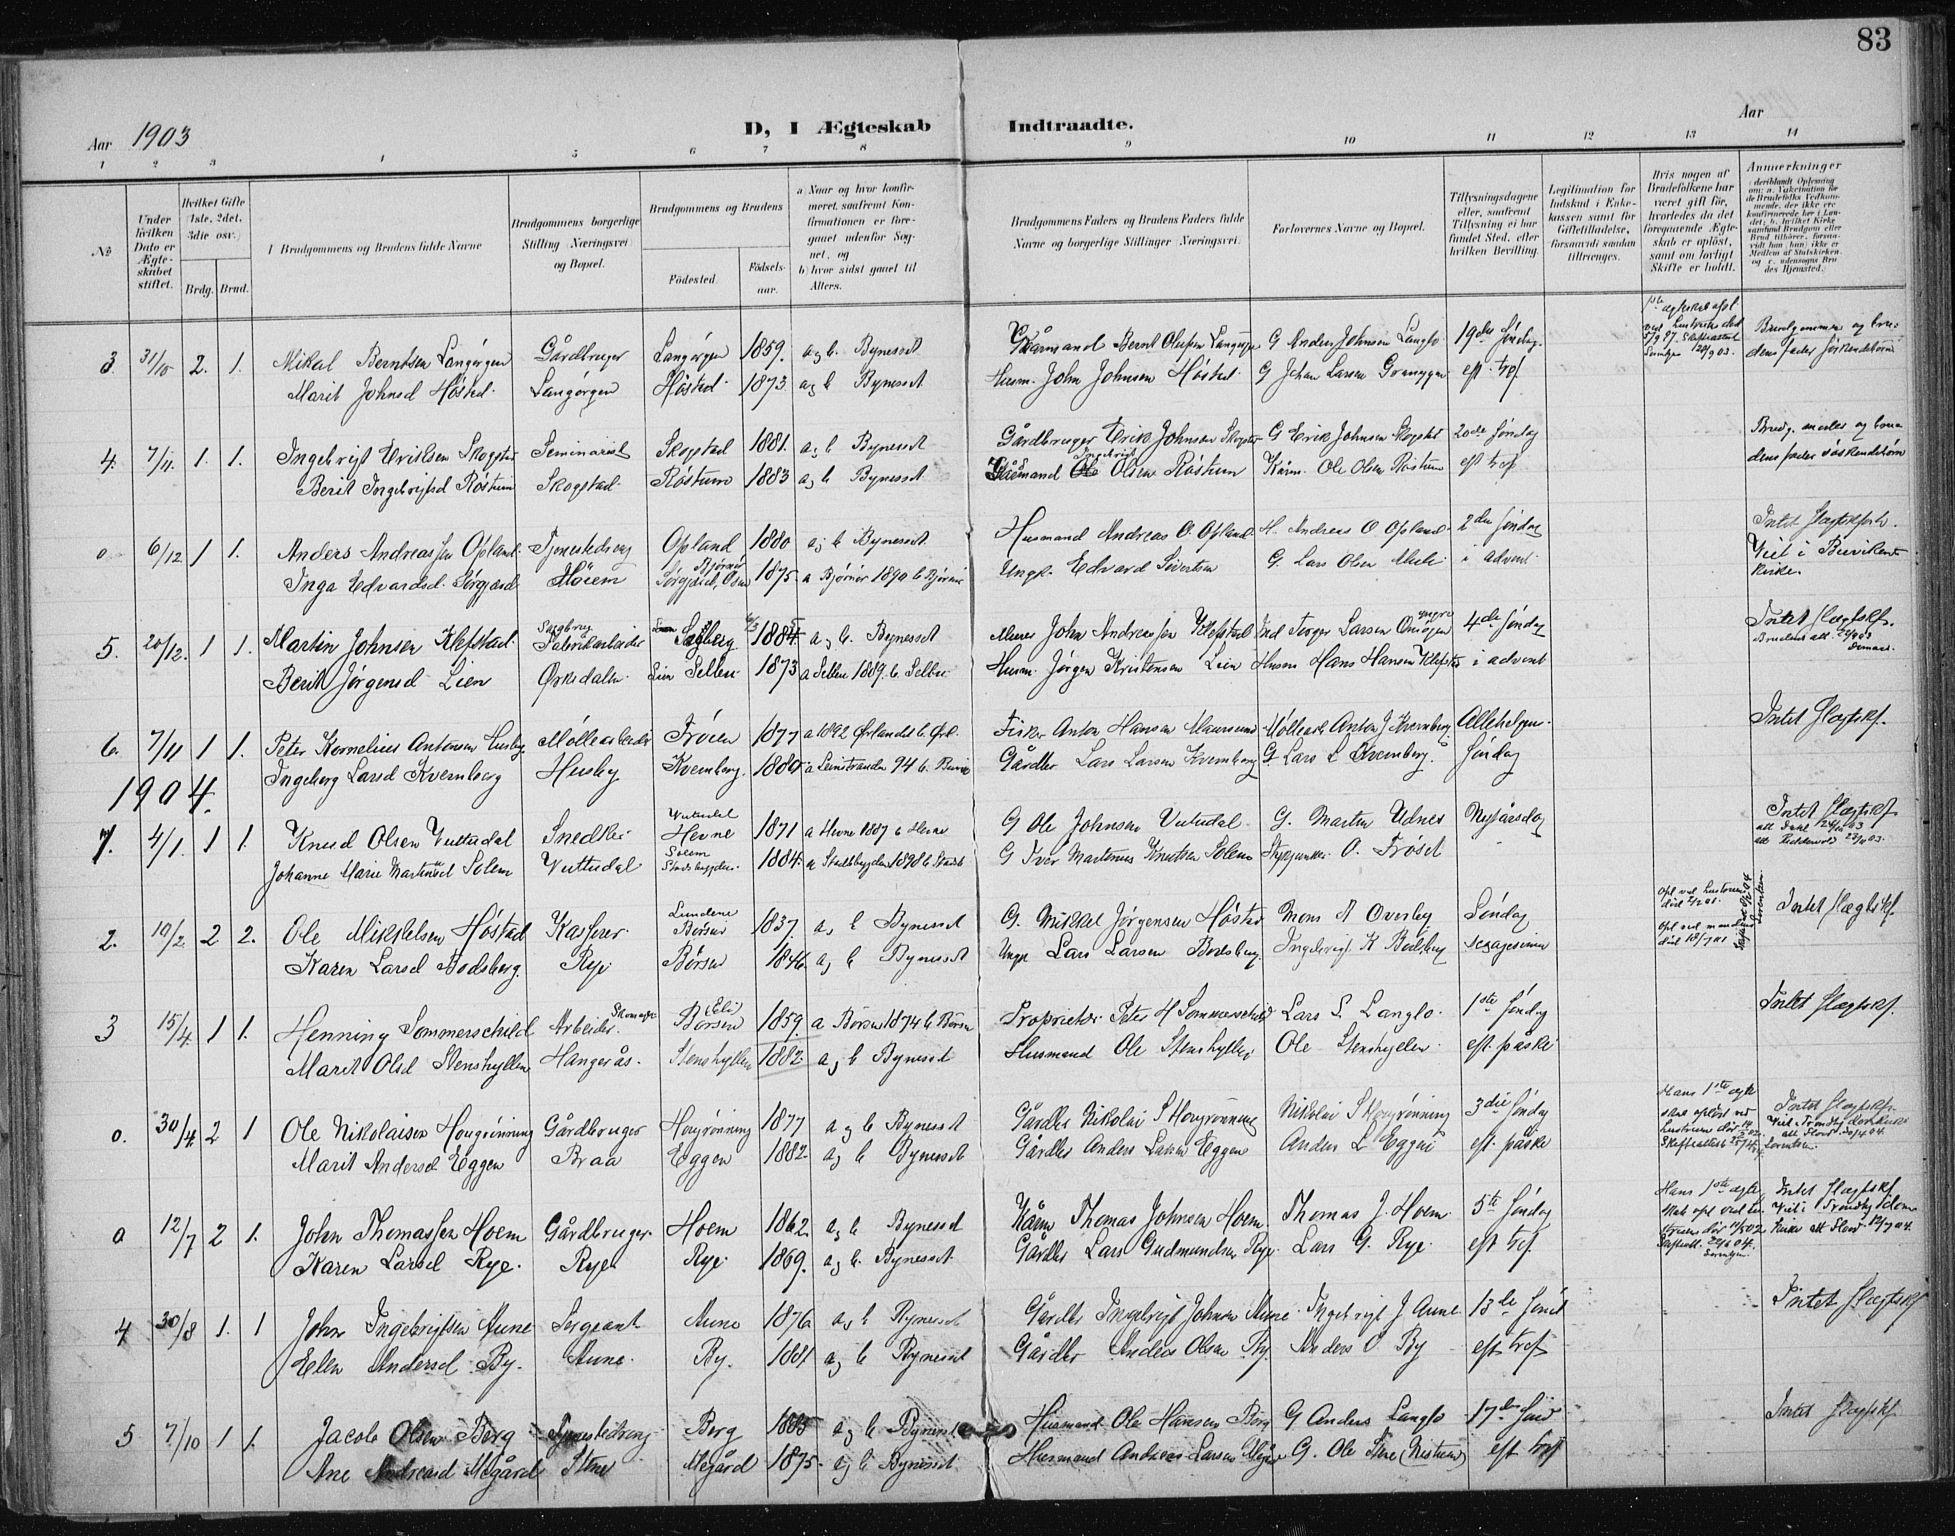 SAT, Ministerialprotokoller, klokkerbøker og fødselsregistre - Sør-Trøndelag, 612/L0380: Ministerialbok nr. 612A12, 1898-1907, s. 83